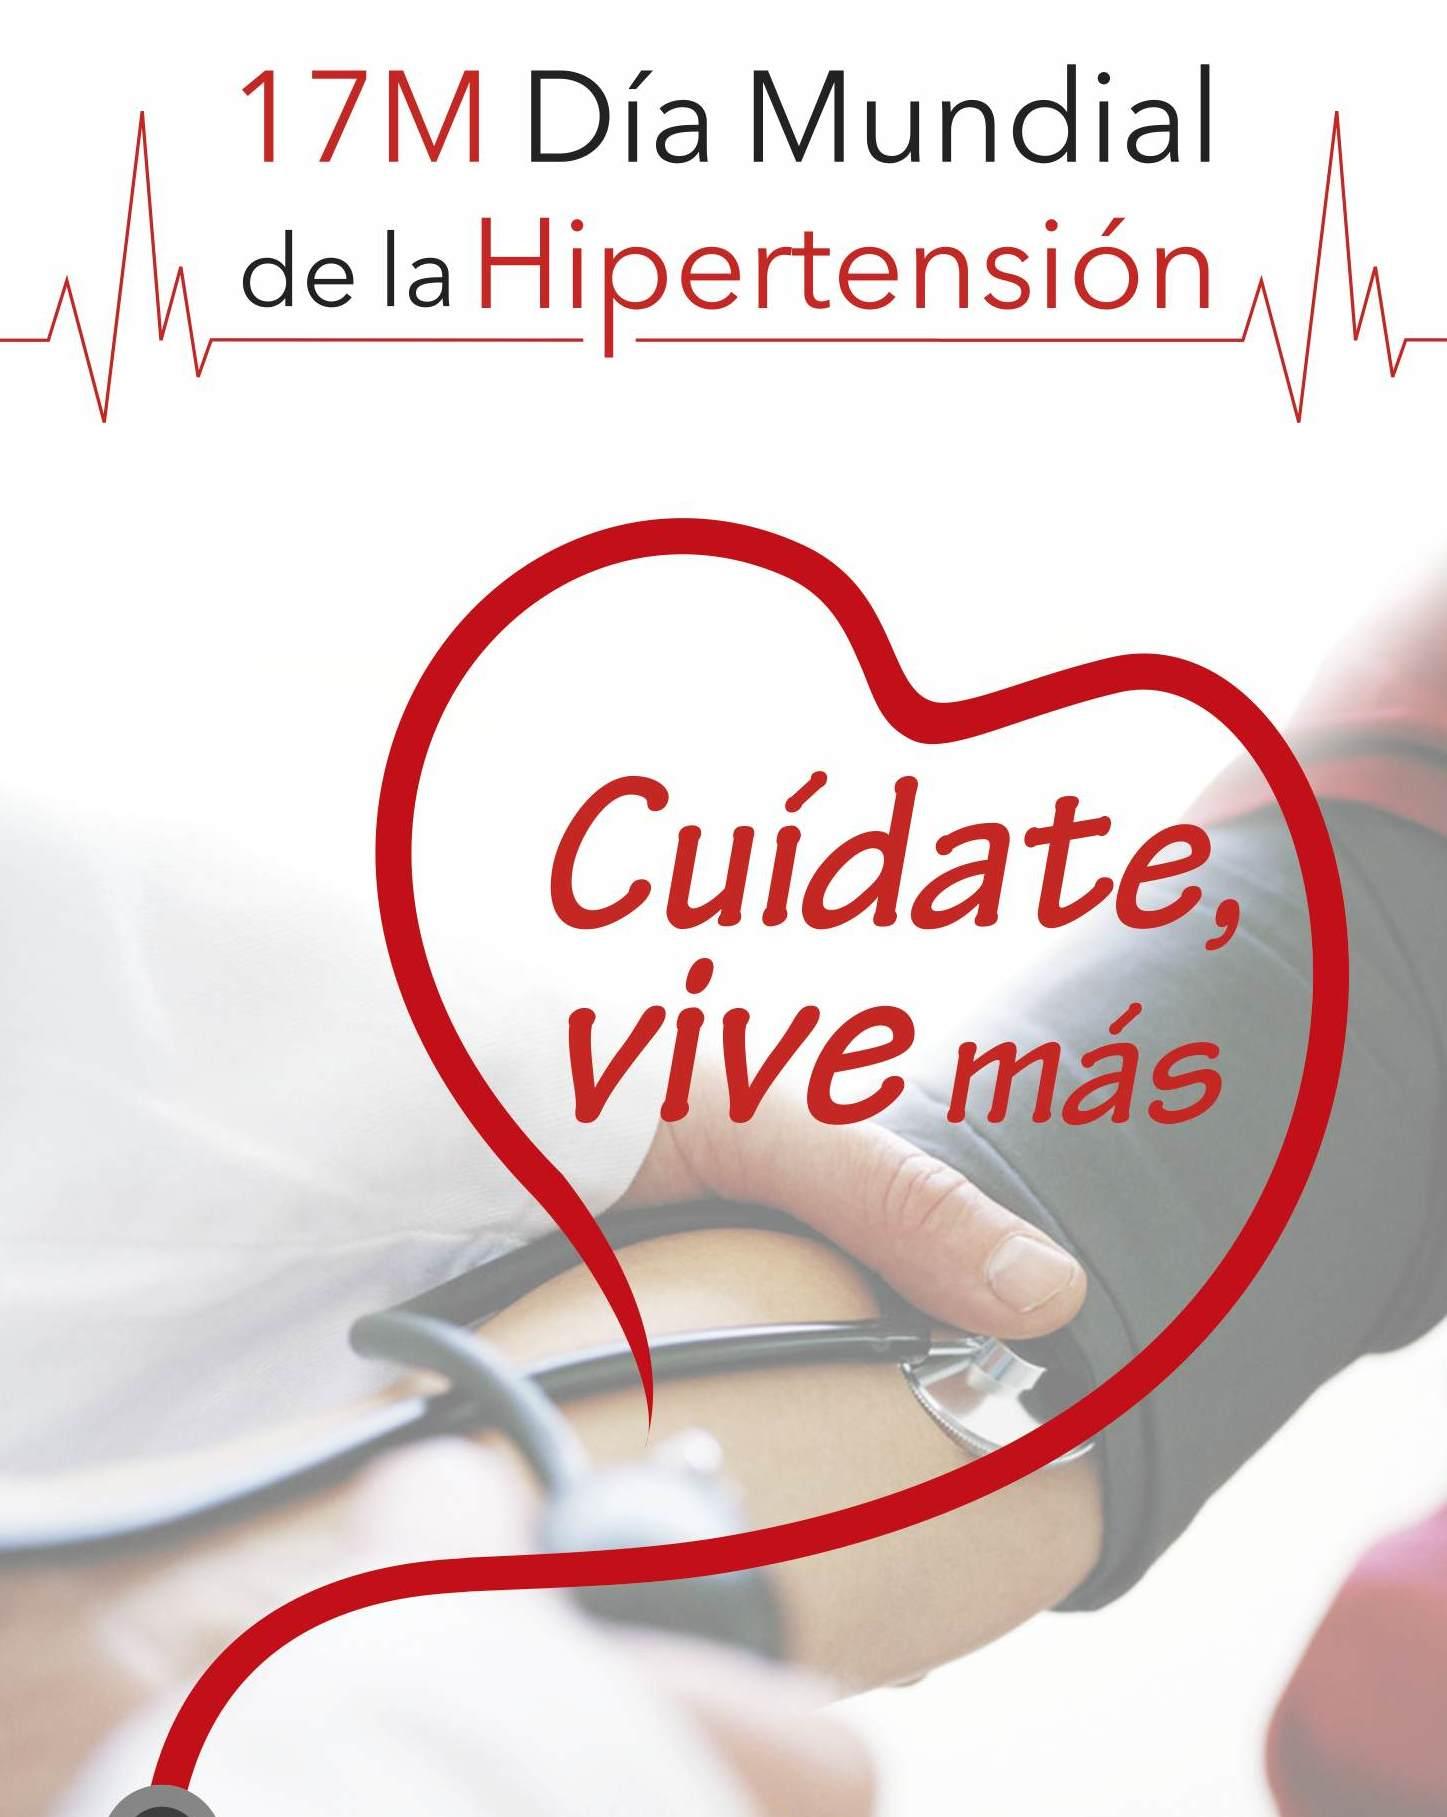 17 de Mayo de 2014: Día Mundial de la Hipertensión Arterial